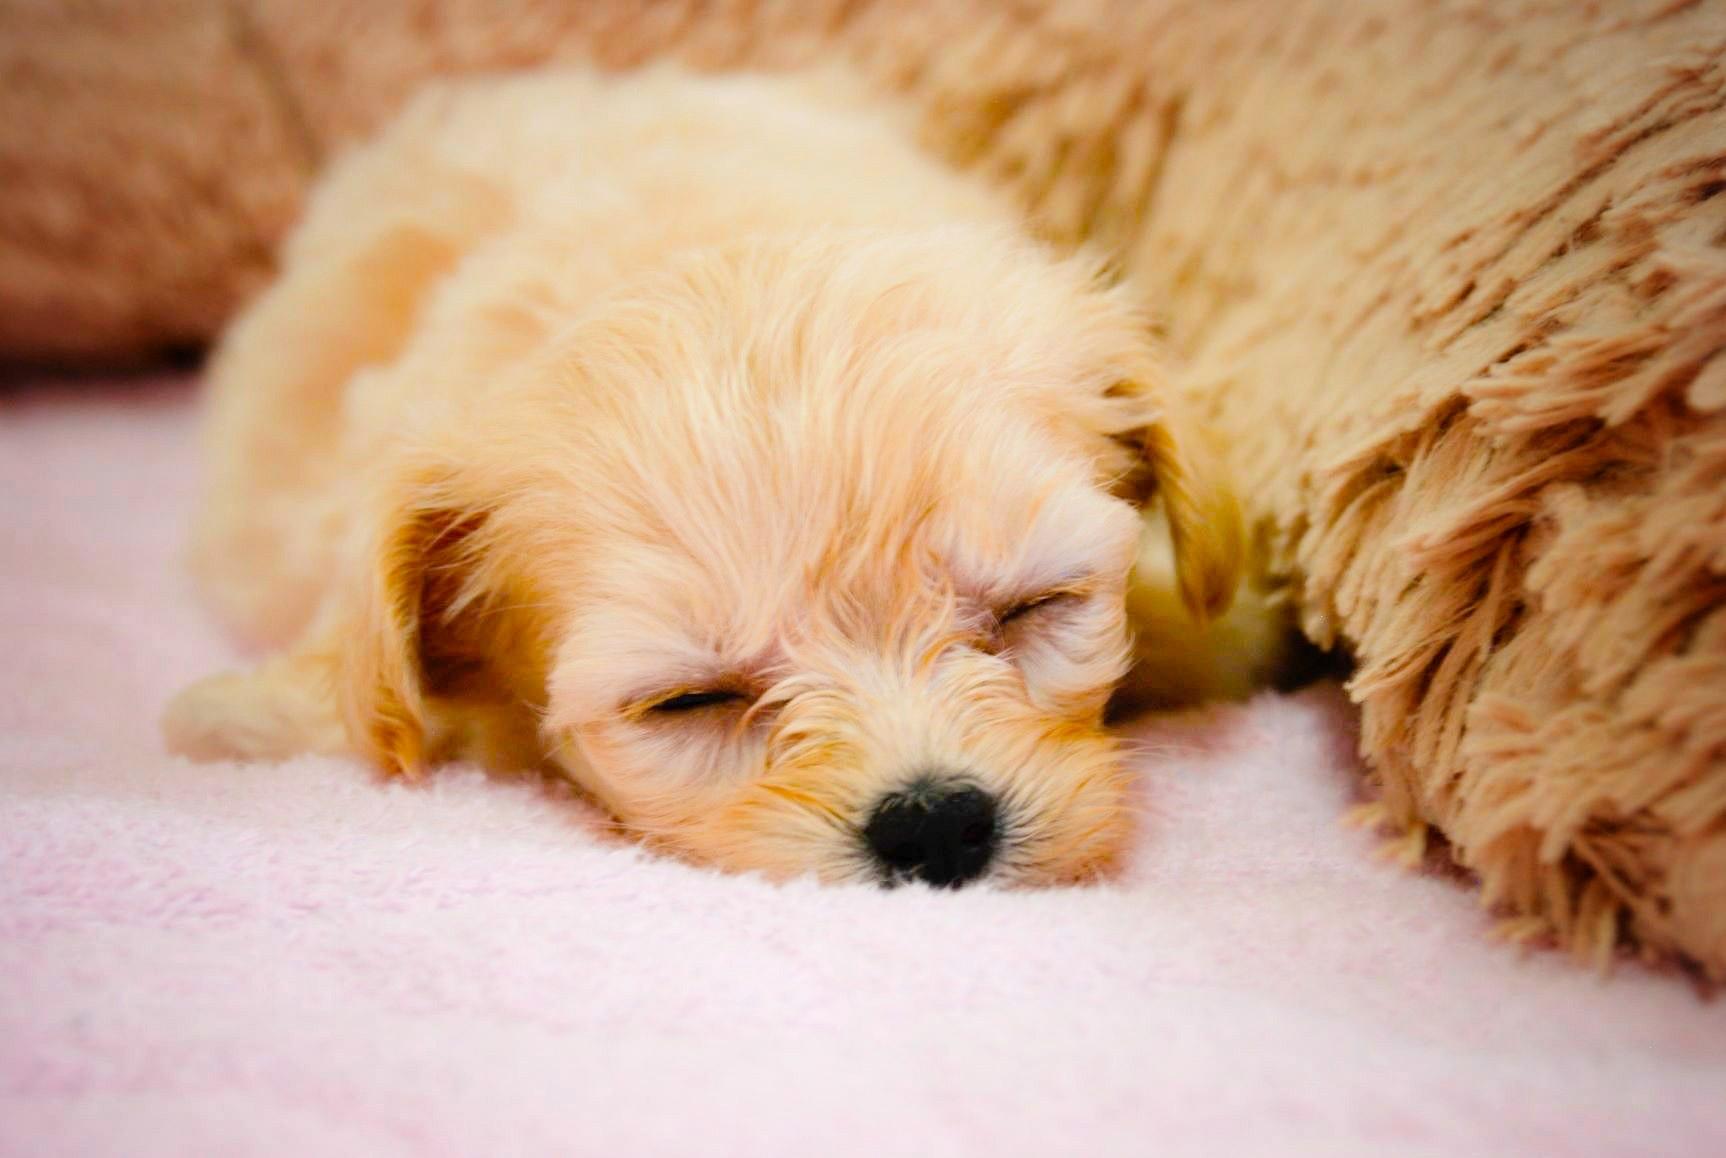 2020/04/18 宝塚 健康セミナー「子犬の健康ケアについて」